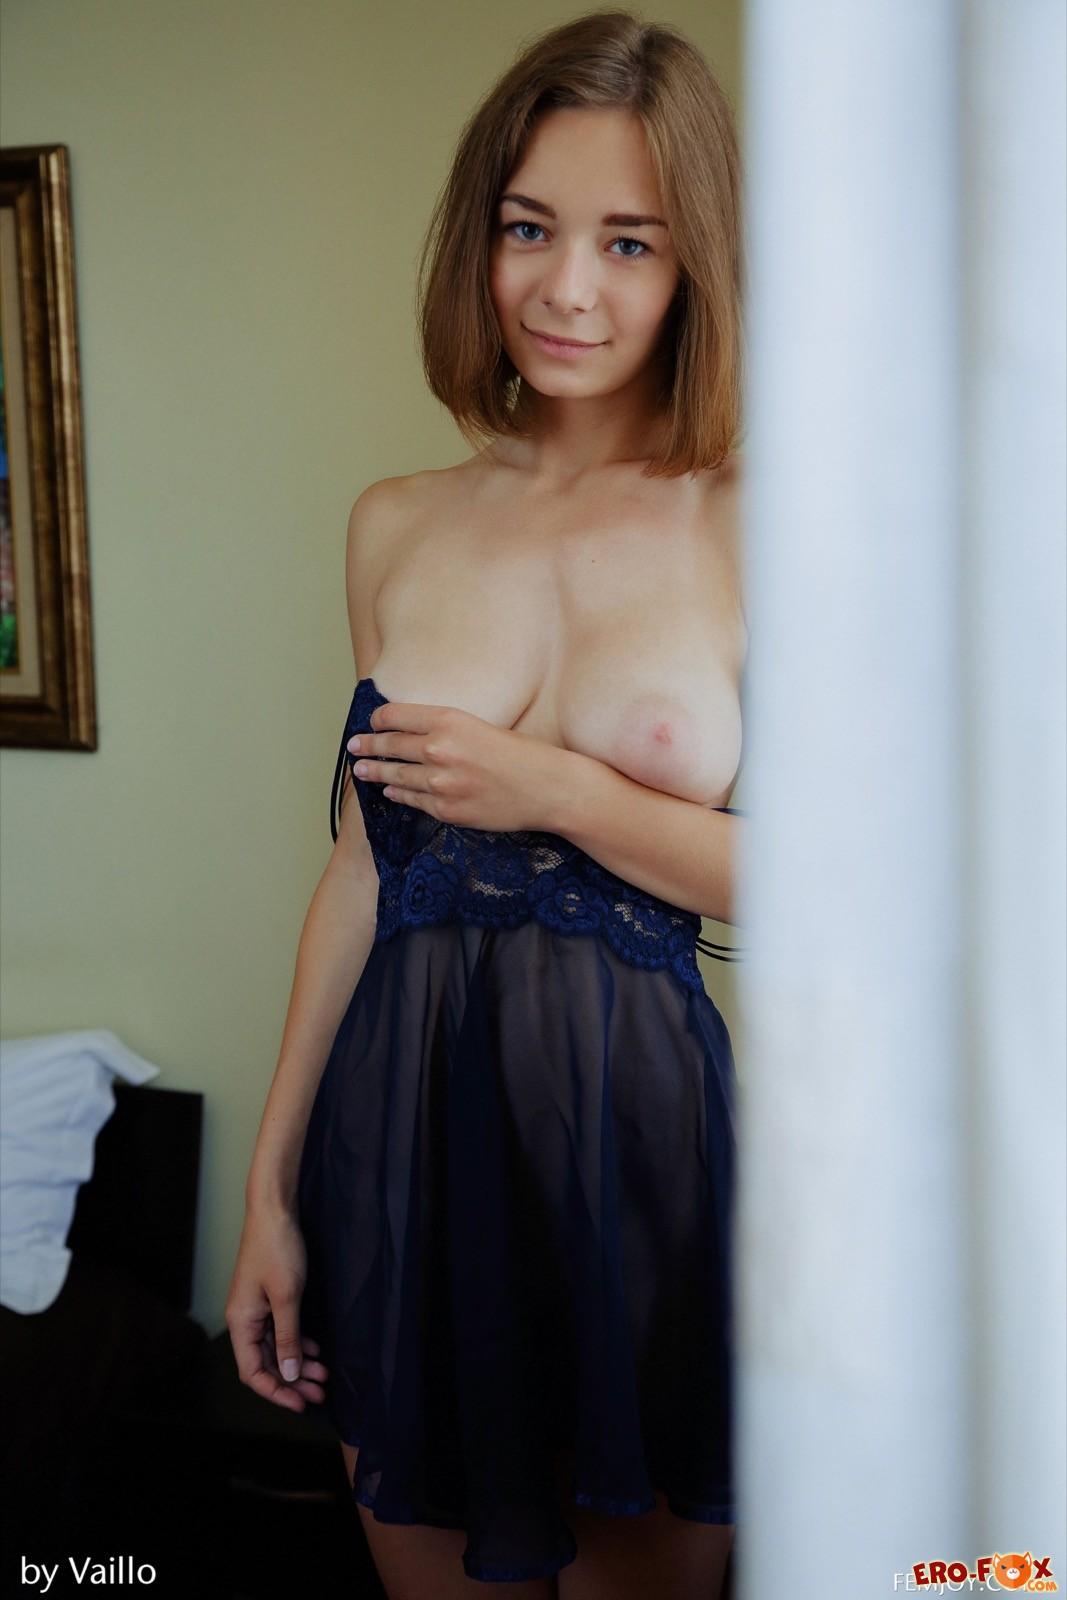 Девушка с натуральной грудью снимает пеньюар